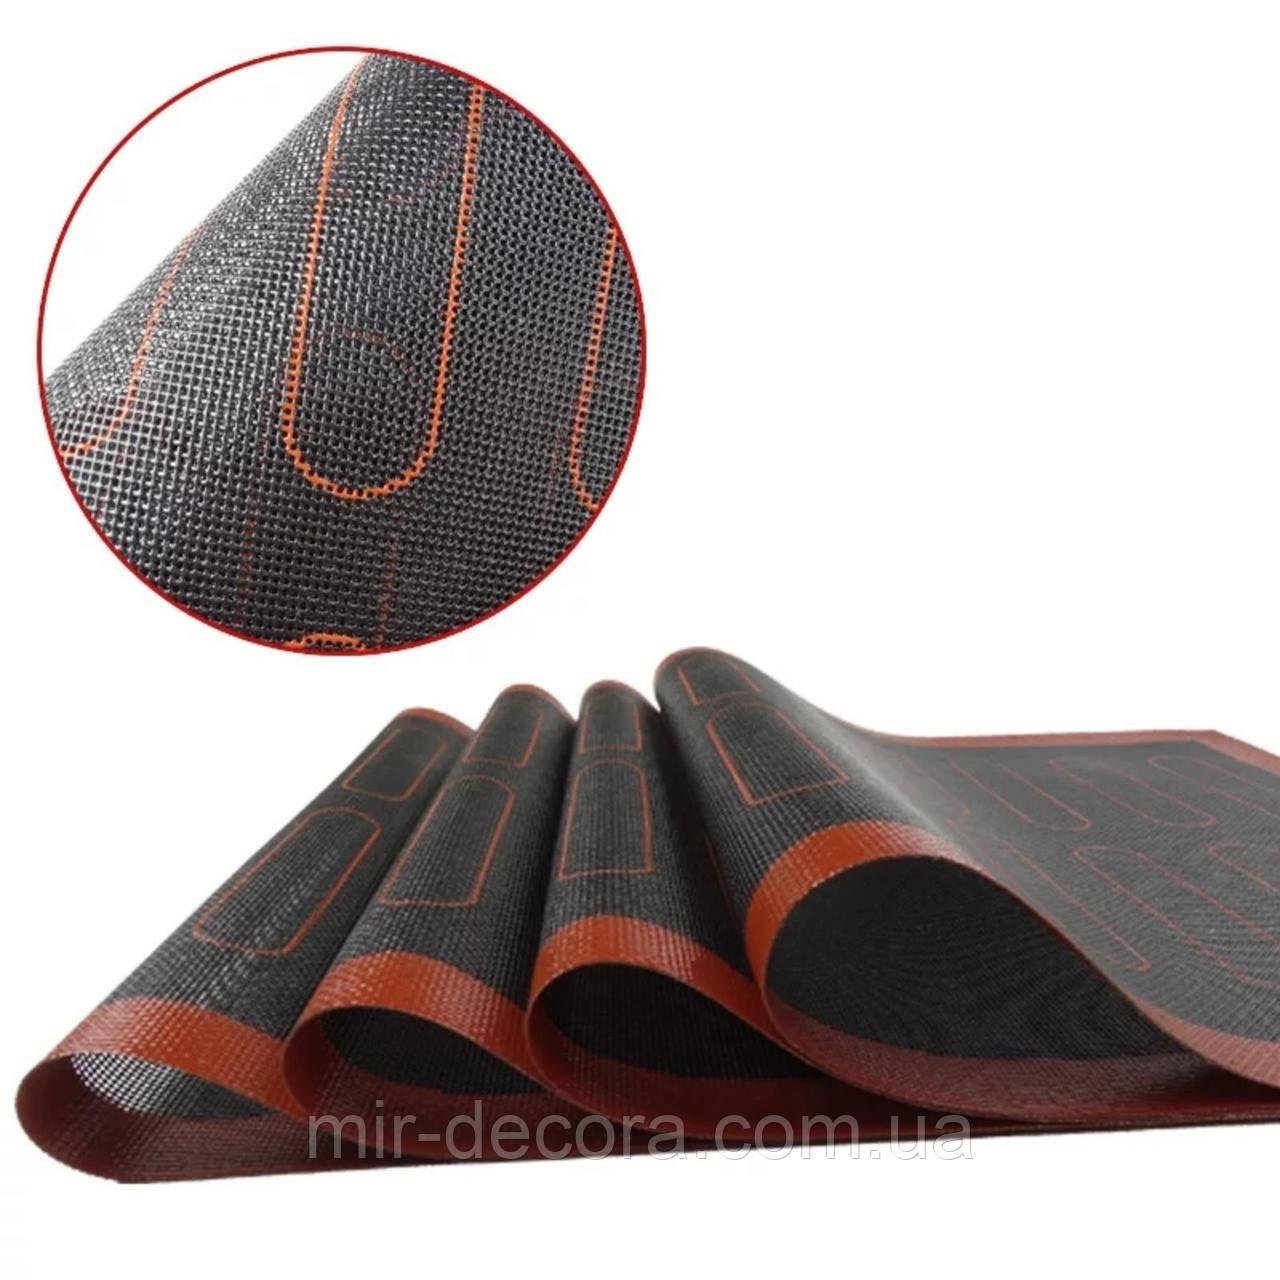 Силіконовий килимок перфорований для випічки чорний з розмітками для еклерів 30х40 см